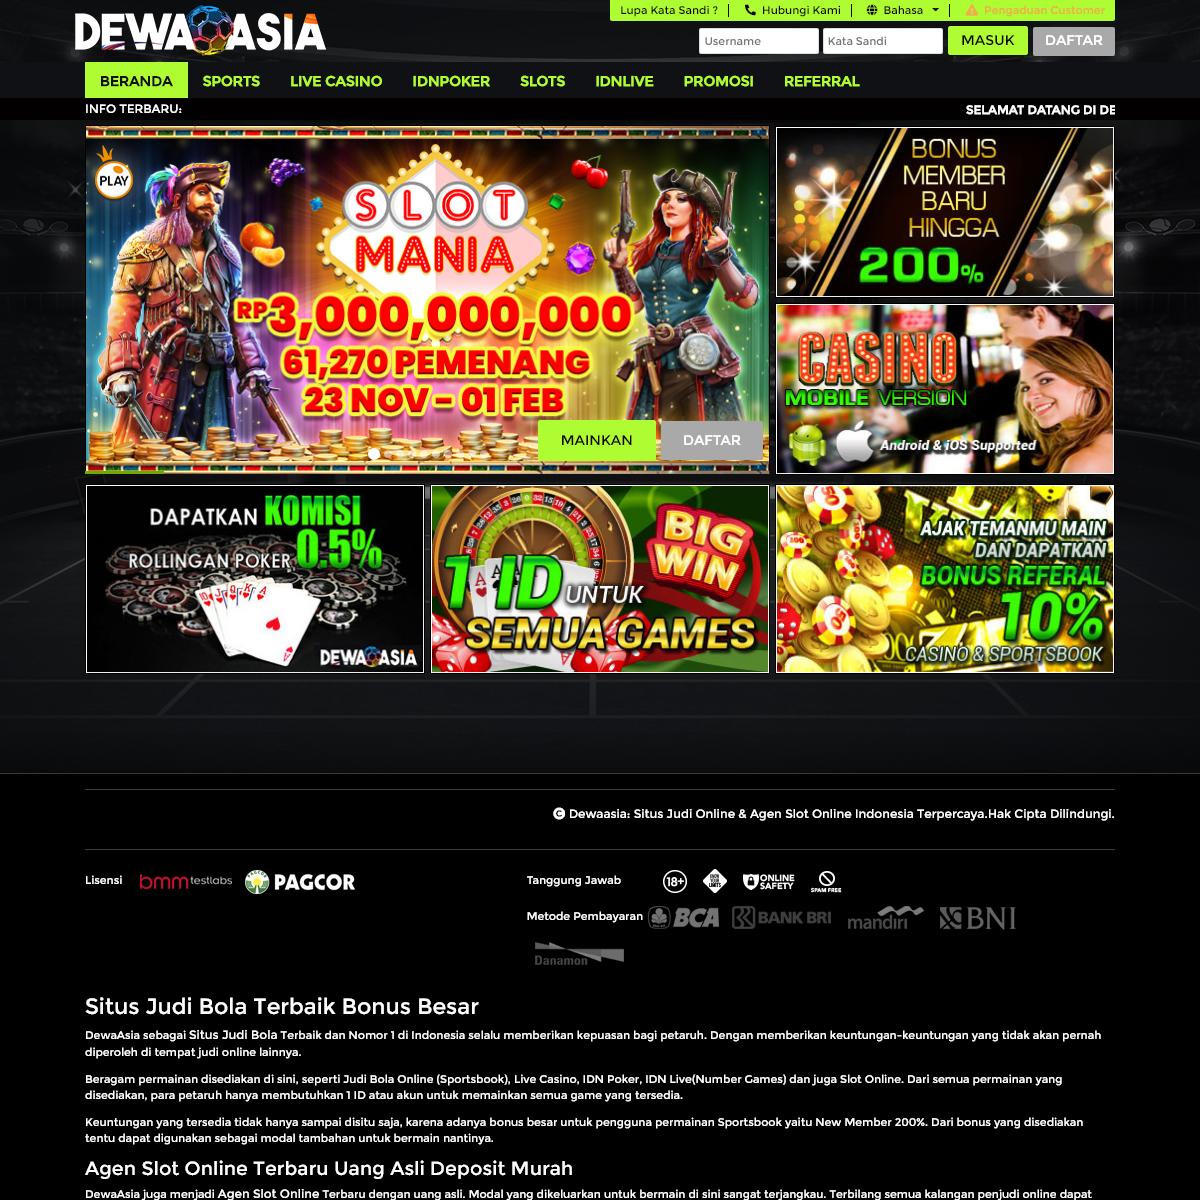 Dewaasia Situs Judi Online Agen Slot Online Indonesia Terpercaya